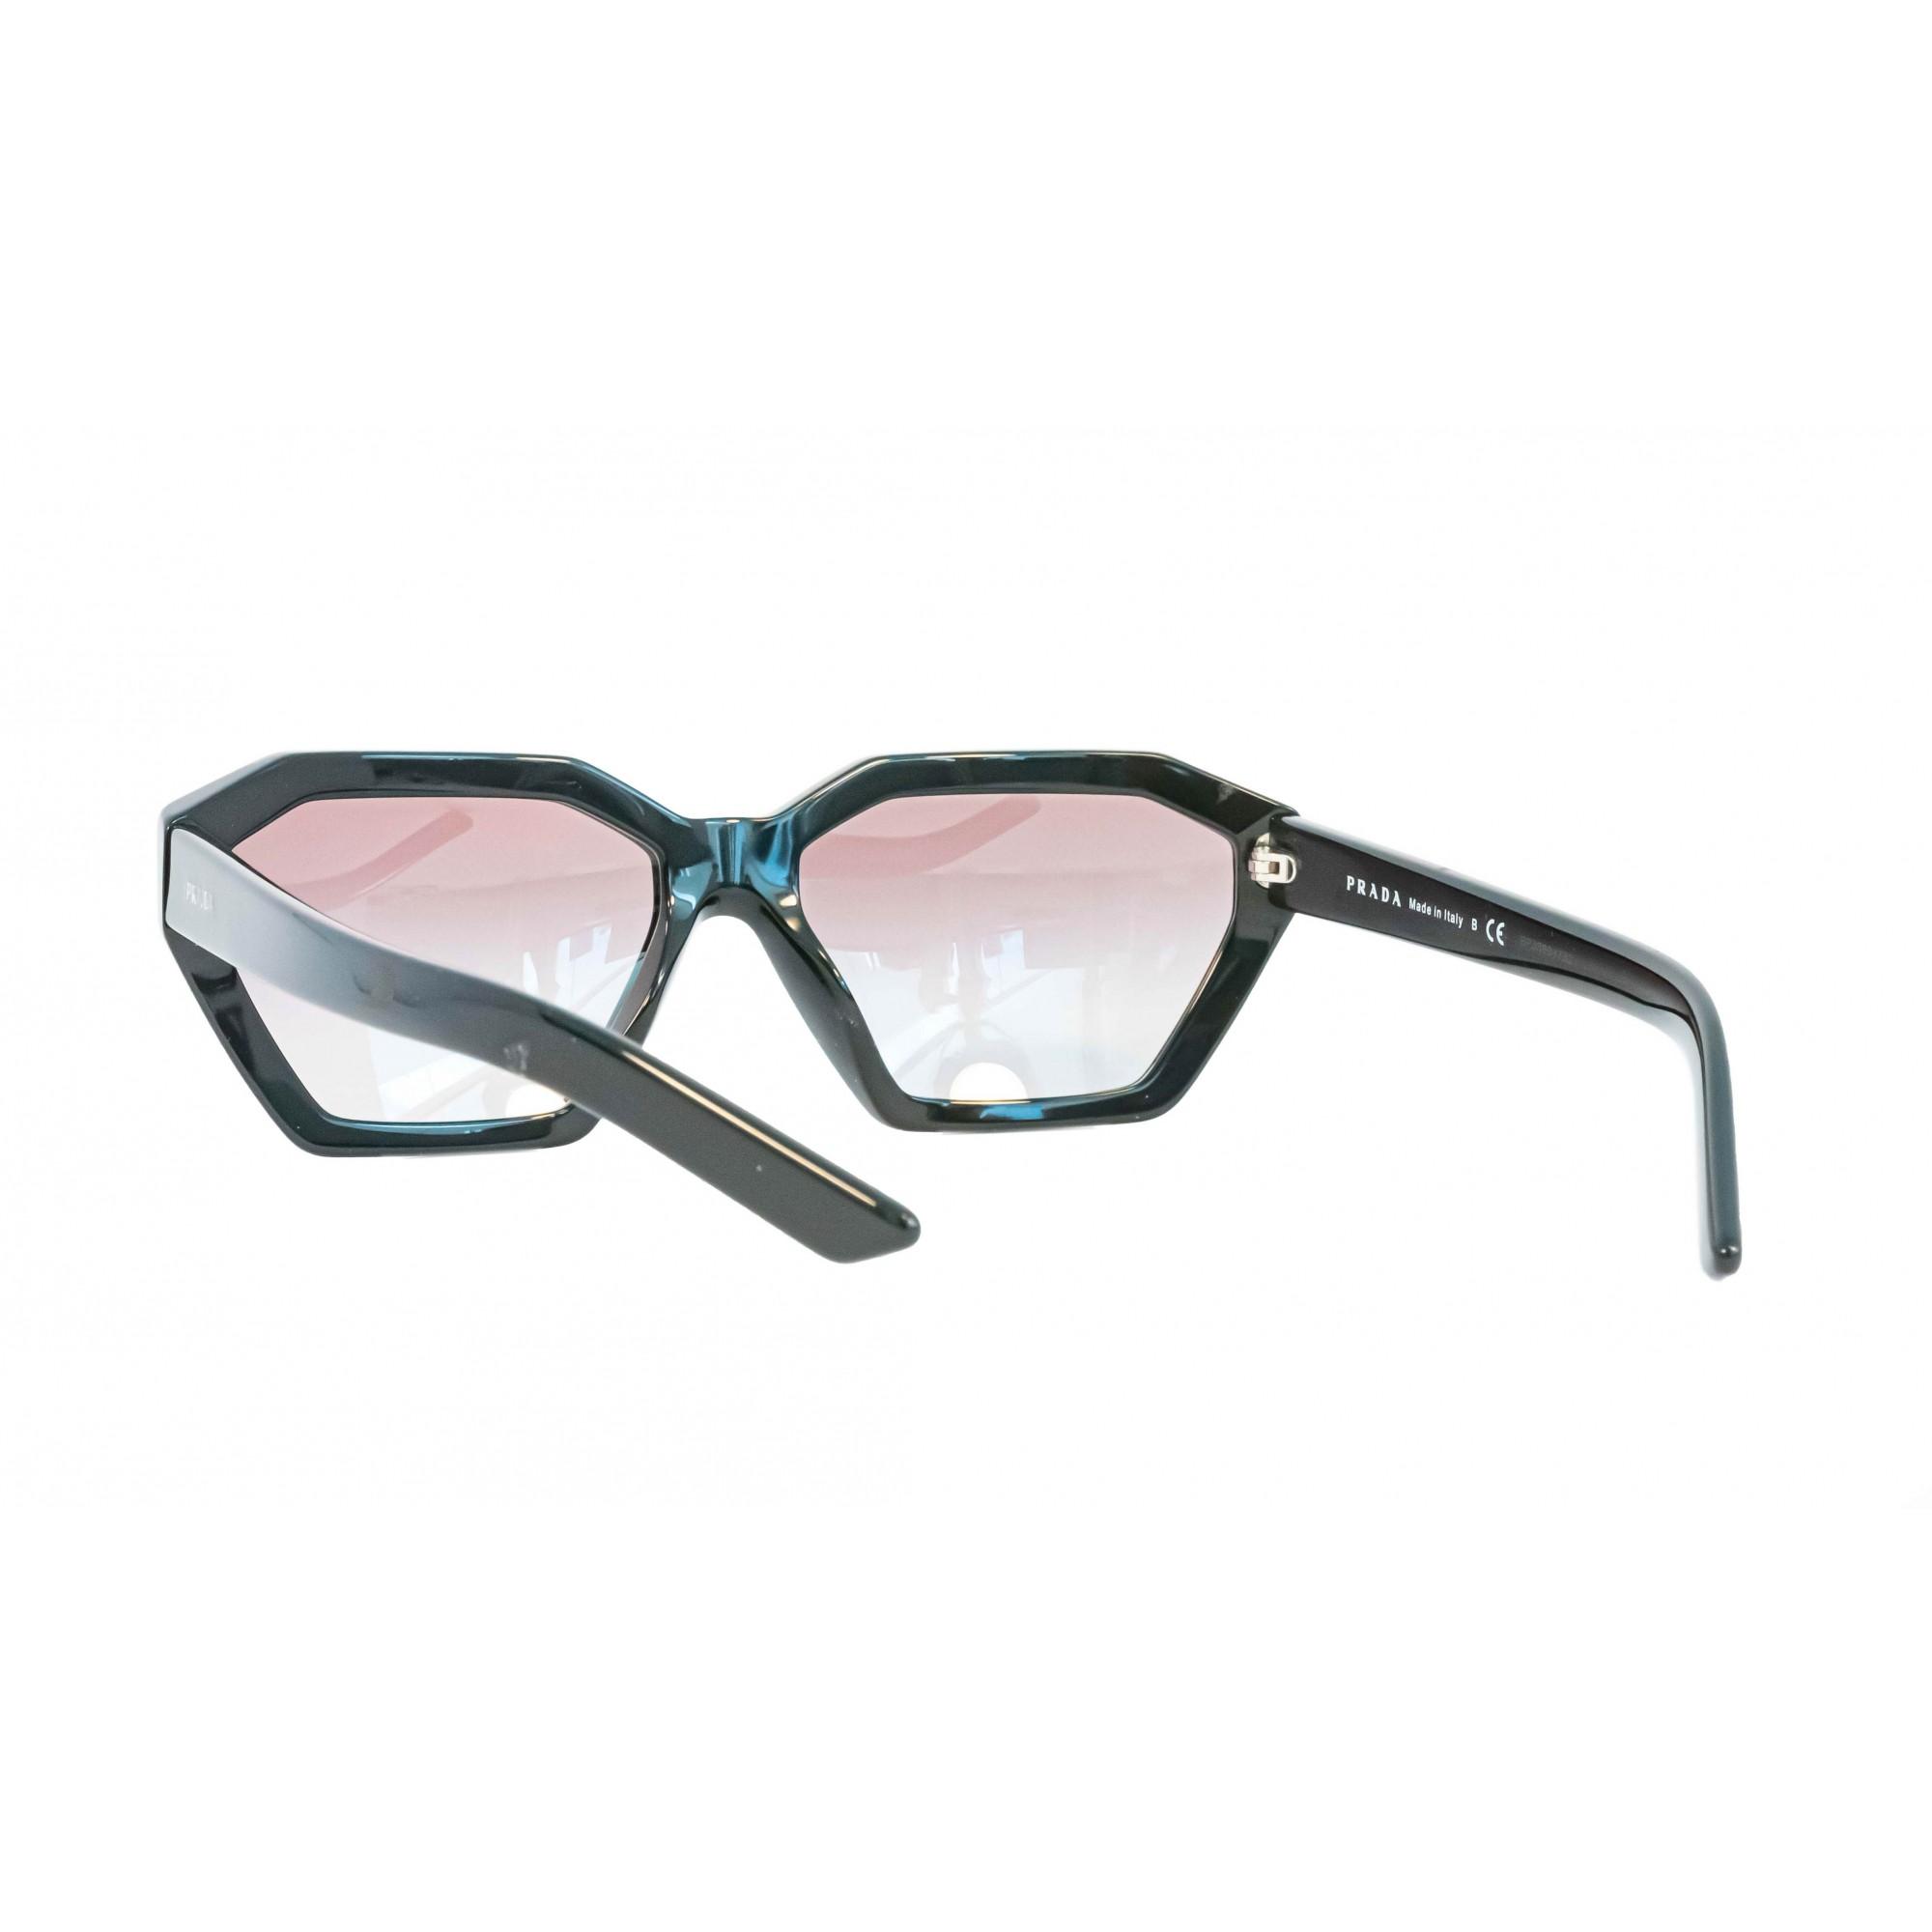 Óculos Prada Octagonal Spr03v 1ab5o0 57 Preto